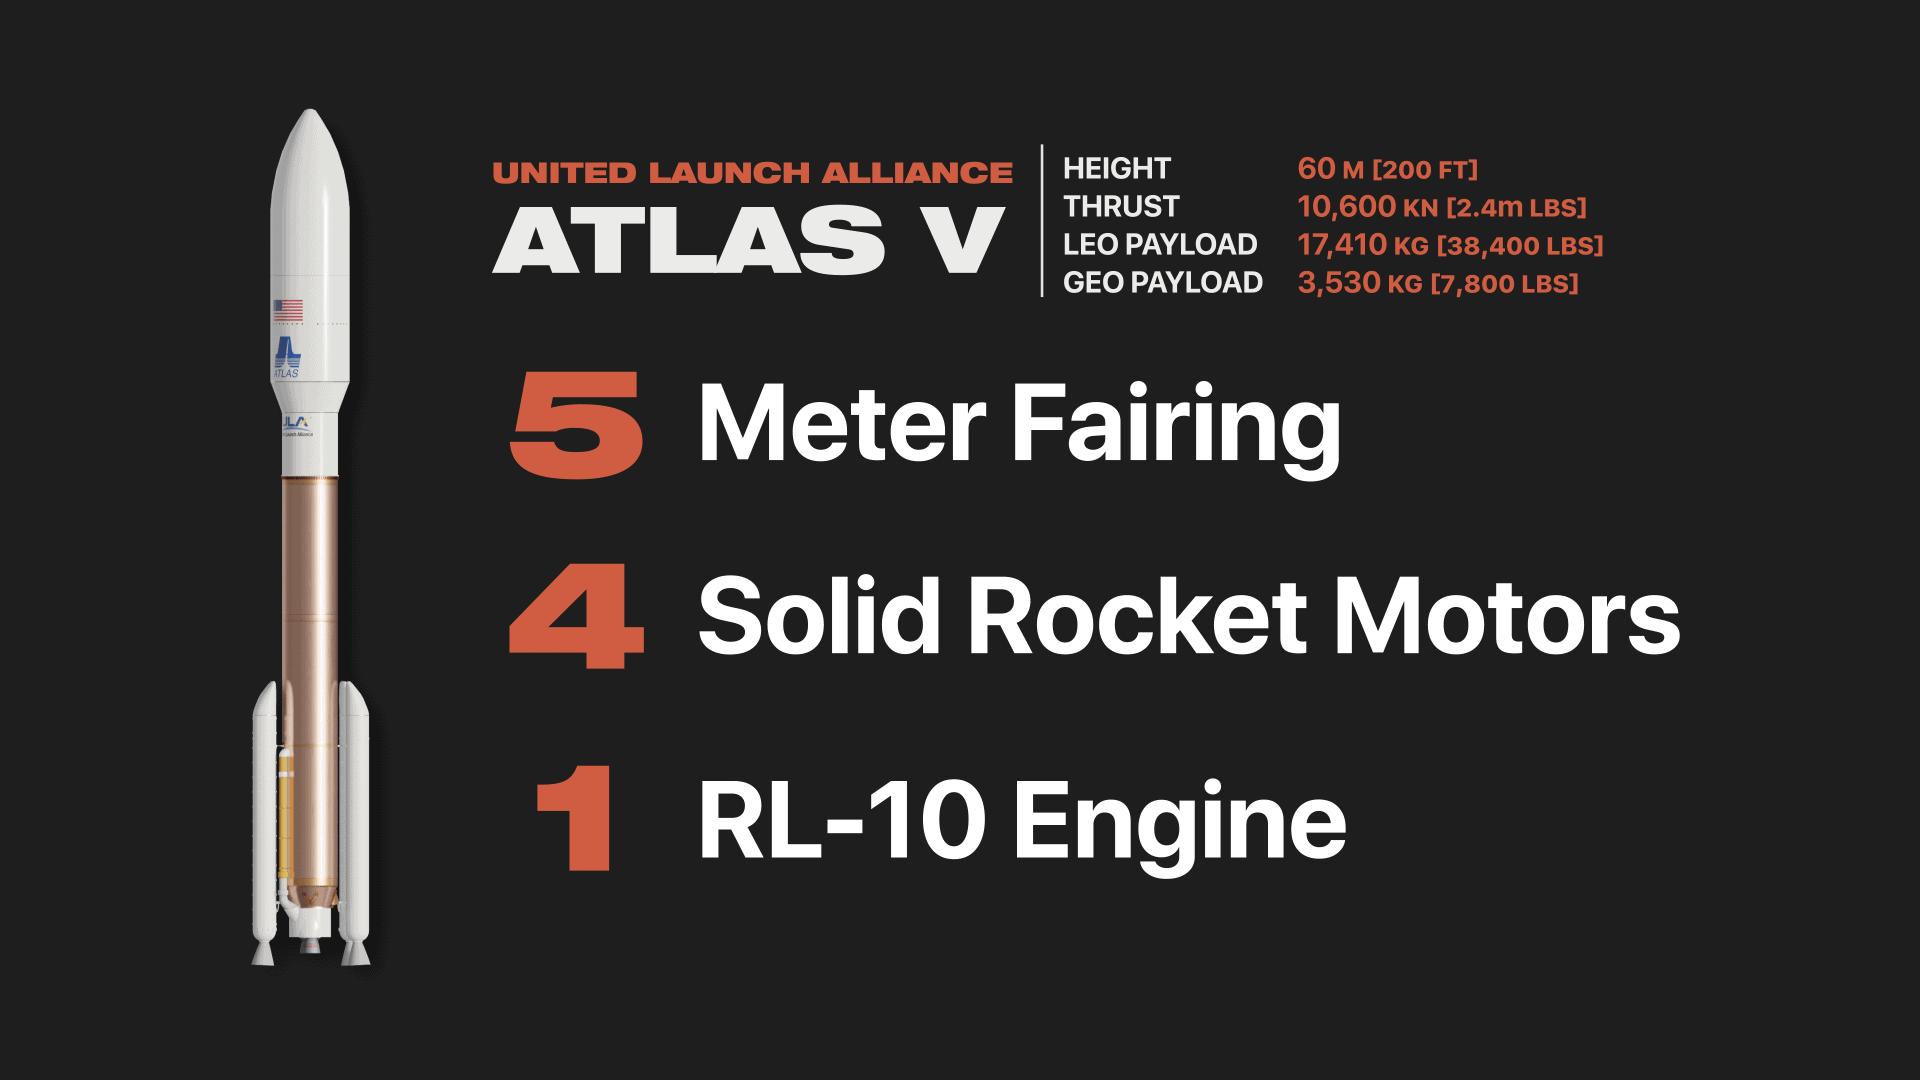 ULA Atlas V 541